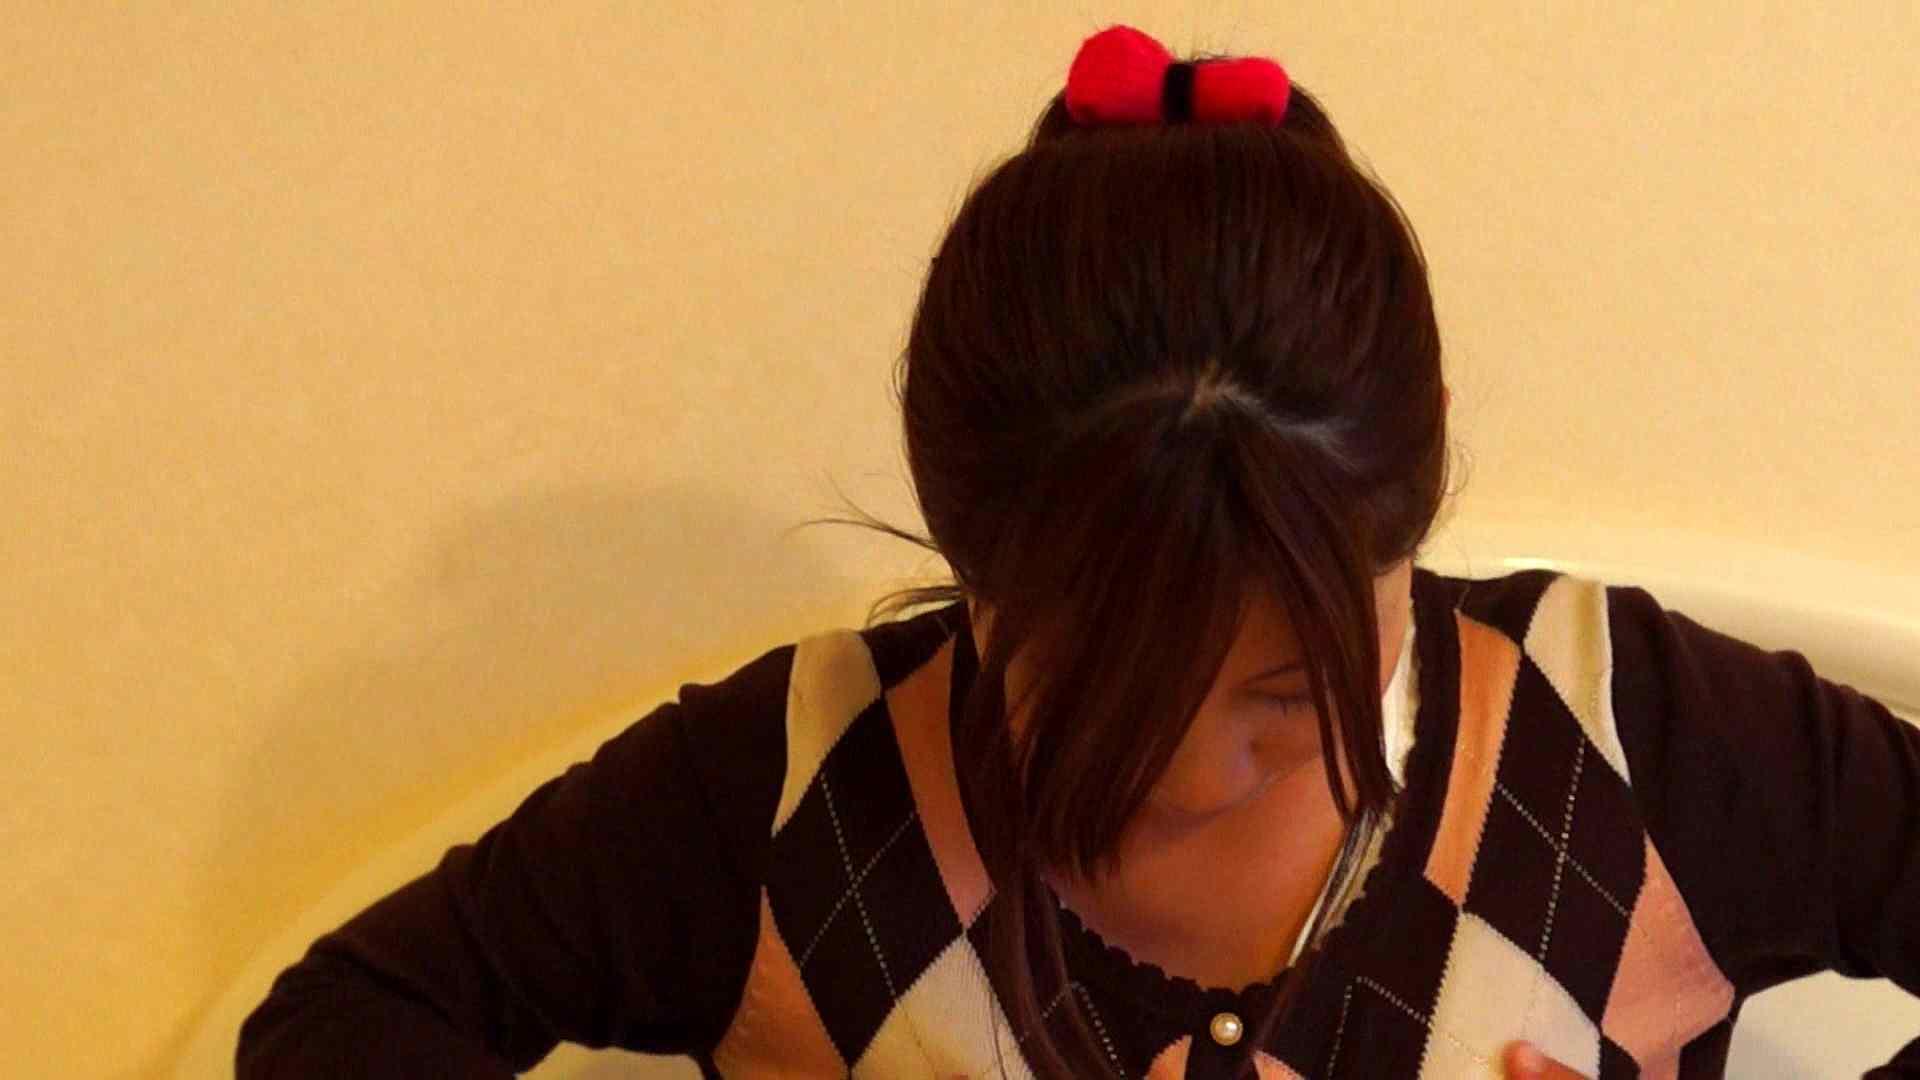 vol.6 2回目の撮影!ガードの固い瑞希ちゃんにTKSさんが挑む エッチすぎるOL達  91連発 50